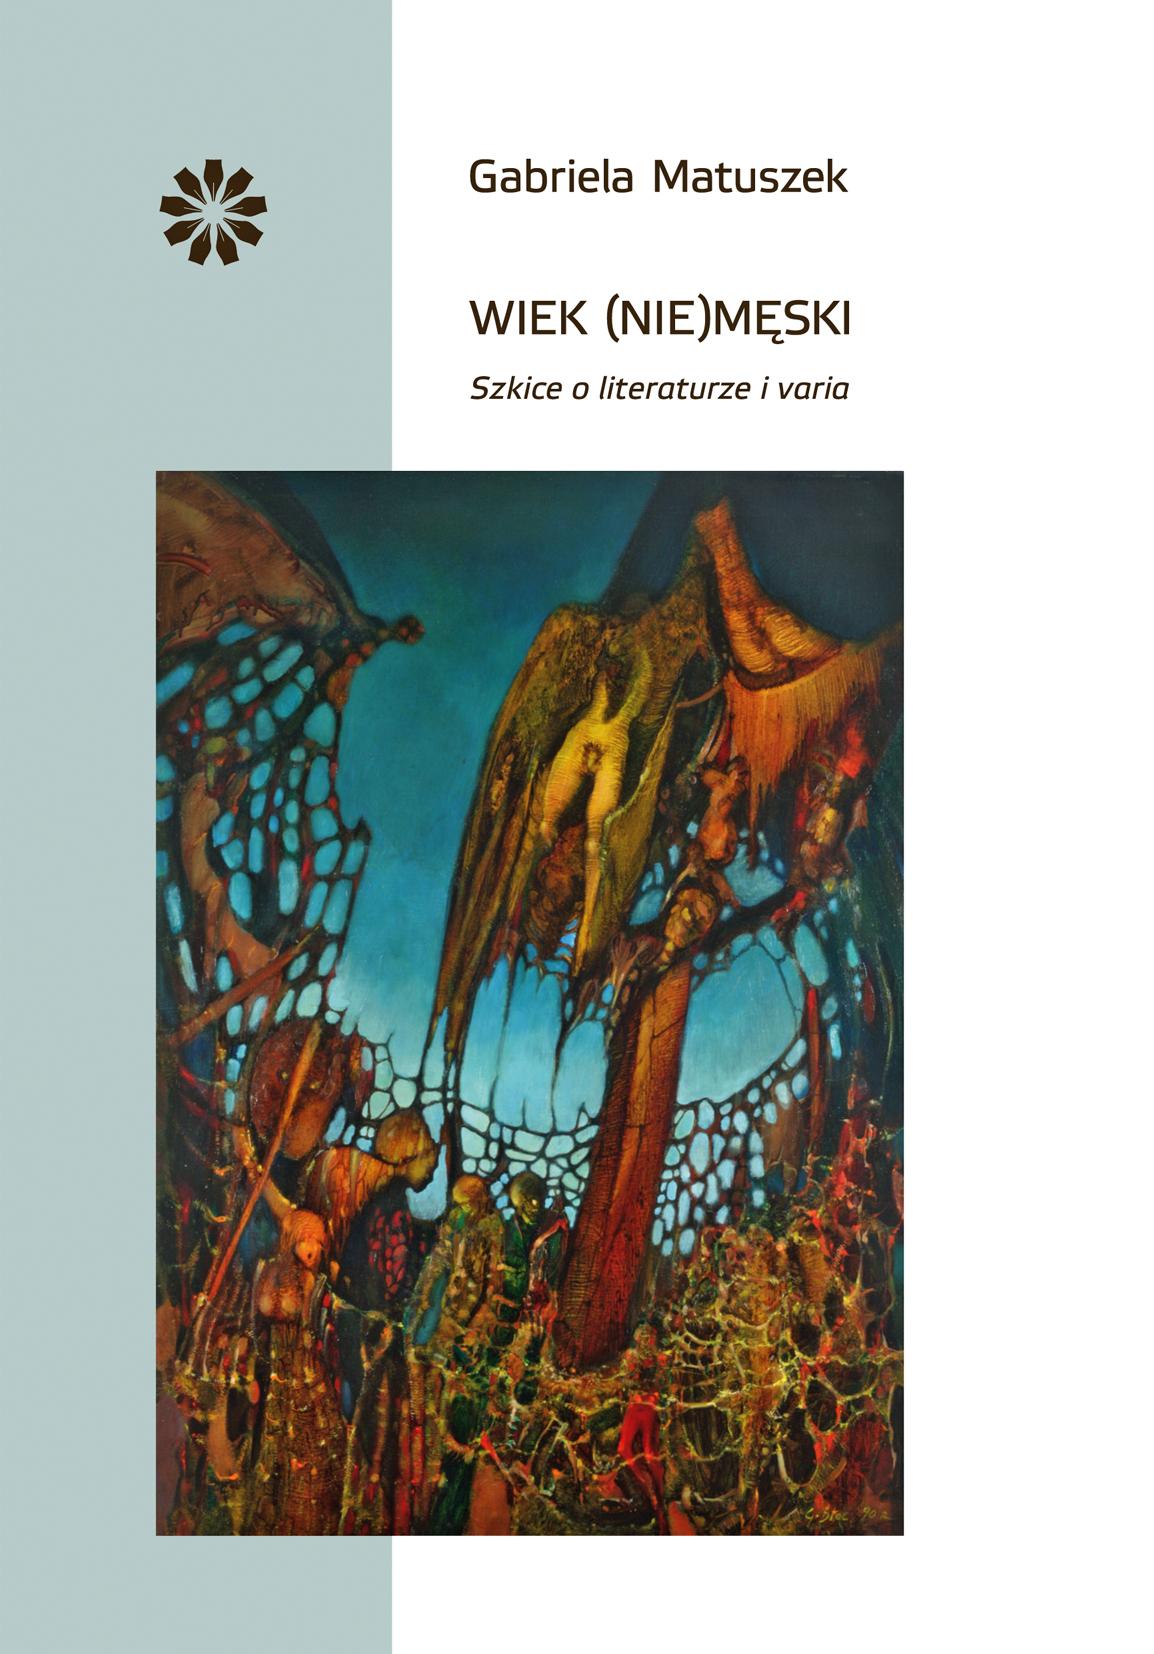 """Gabriela Matuszek-Stec, """"Wiek (nie)męski. Szkice o literaturze i varia""""; na okładce obraz Grzegorza Steca """"Przeklęty ogród"""" (dzięki uprzejmości autorki)"""